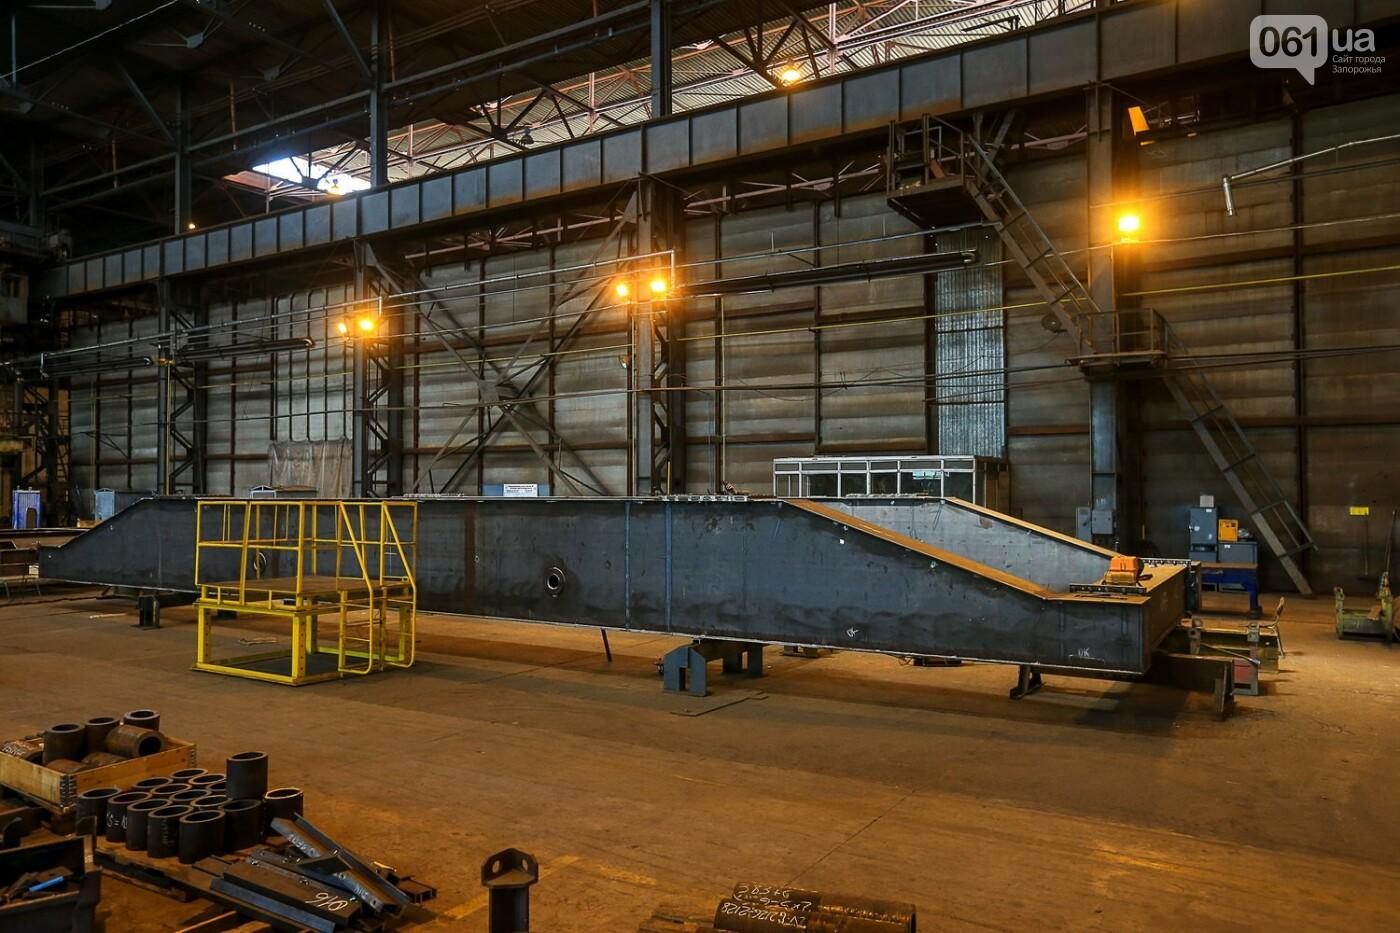 Как в Запорожье работает крупнейший в Европе завод по производству кранов: экскурсия на производство, — ФОТОРЕПОРТАЖ, фото-24